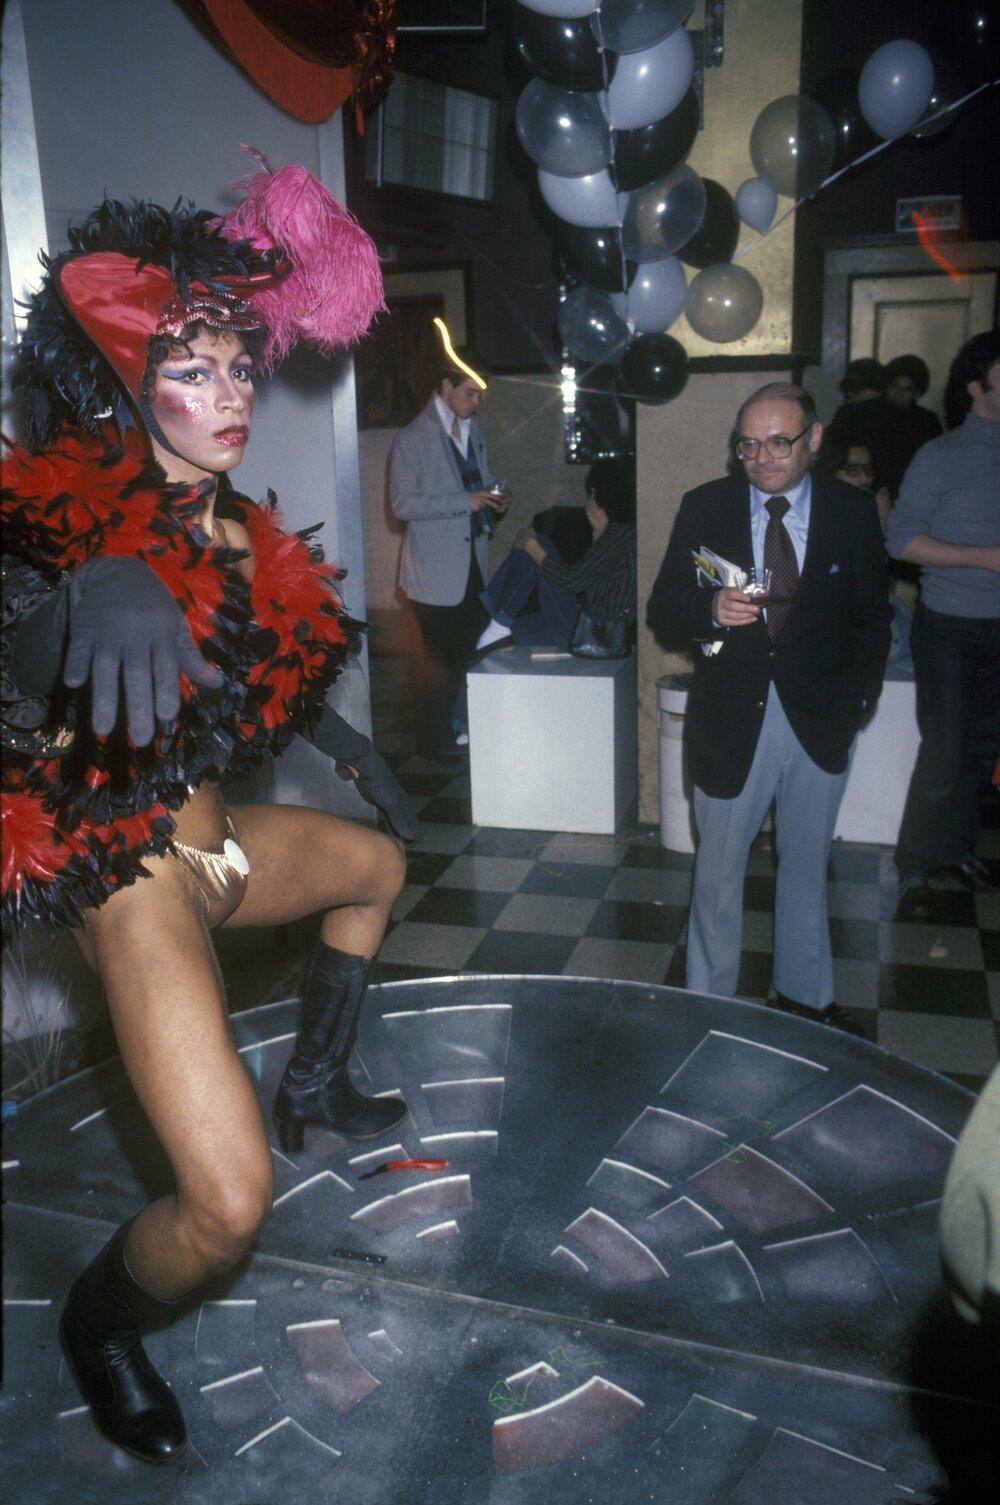 Танцівник у одній із дискотек Нью-Йорка (фотограф Waring Abbott)